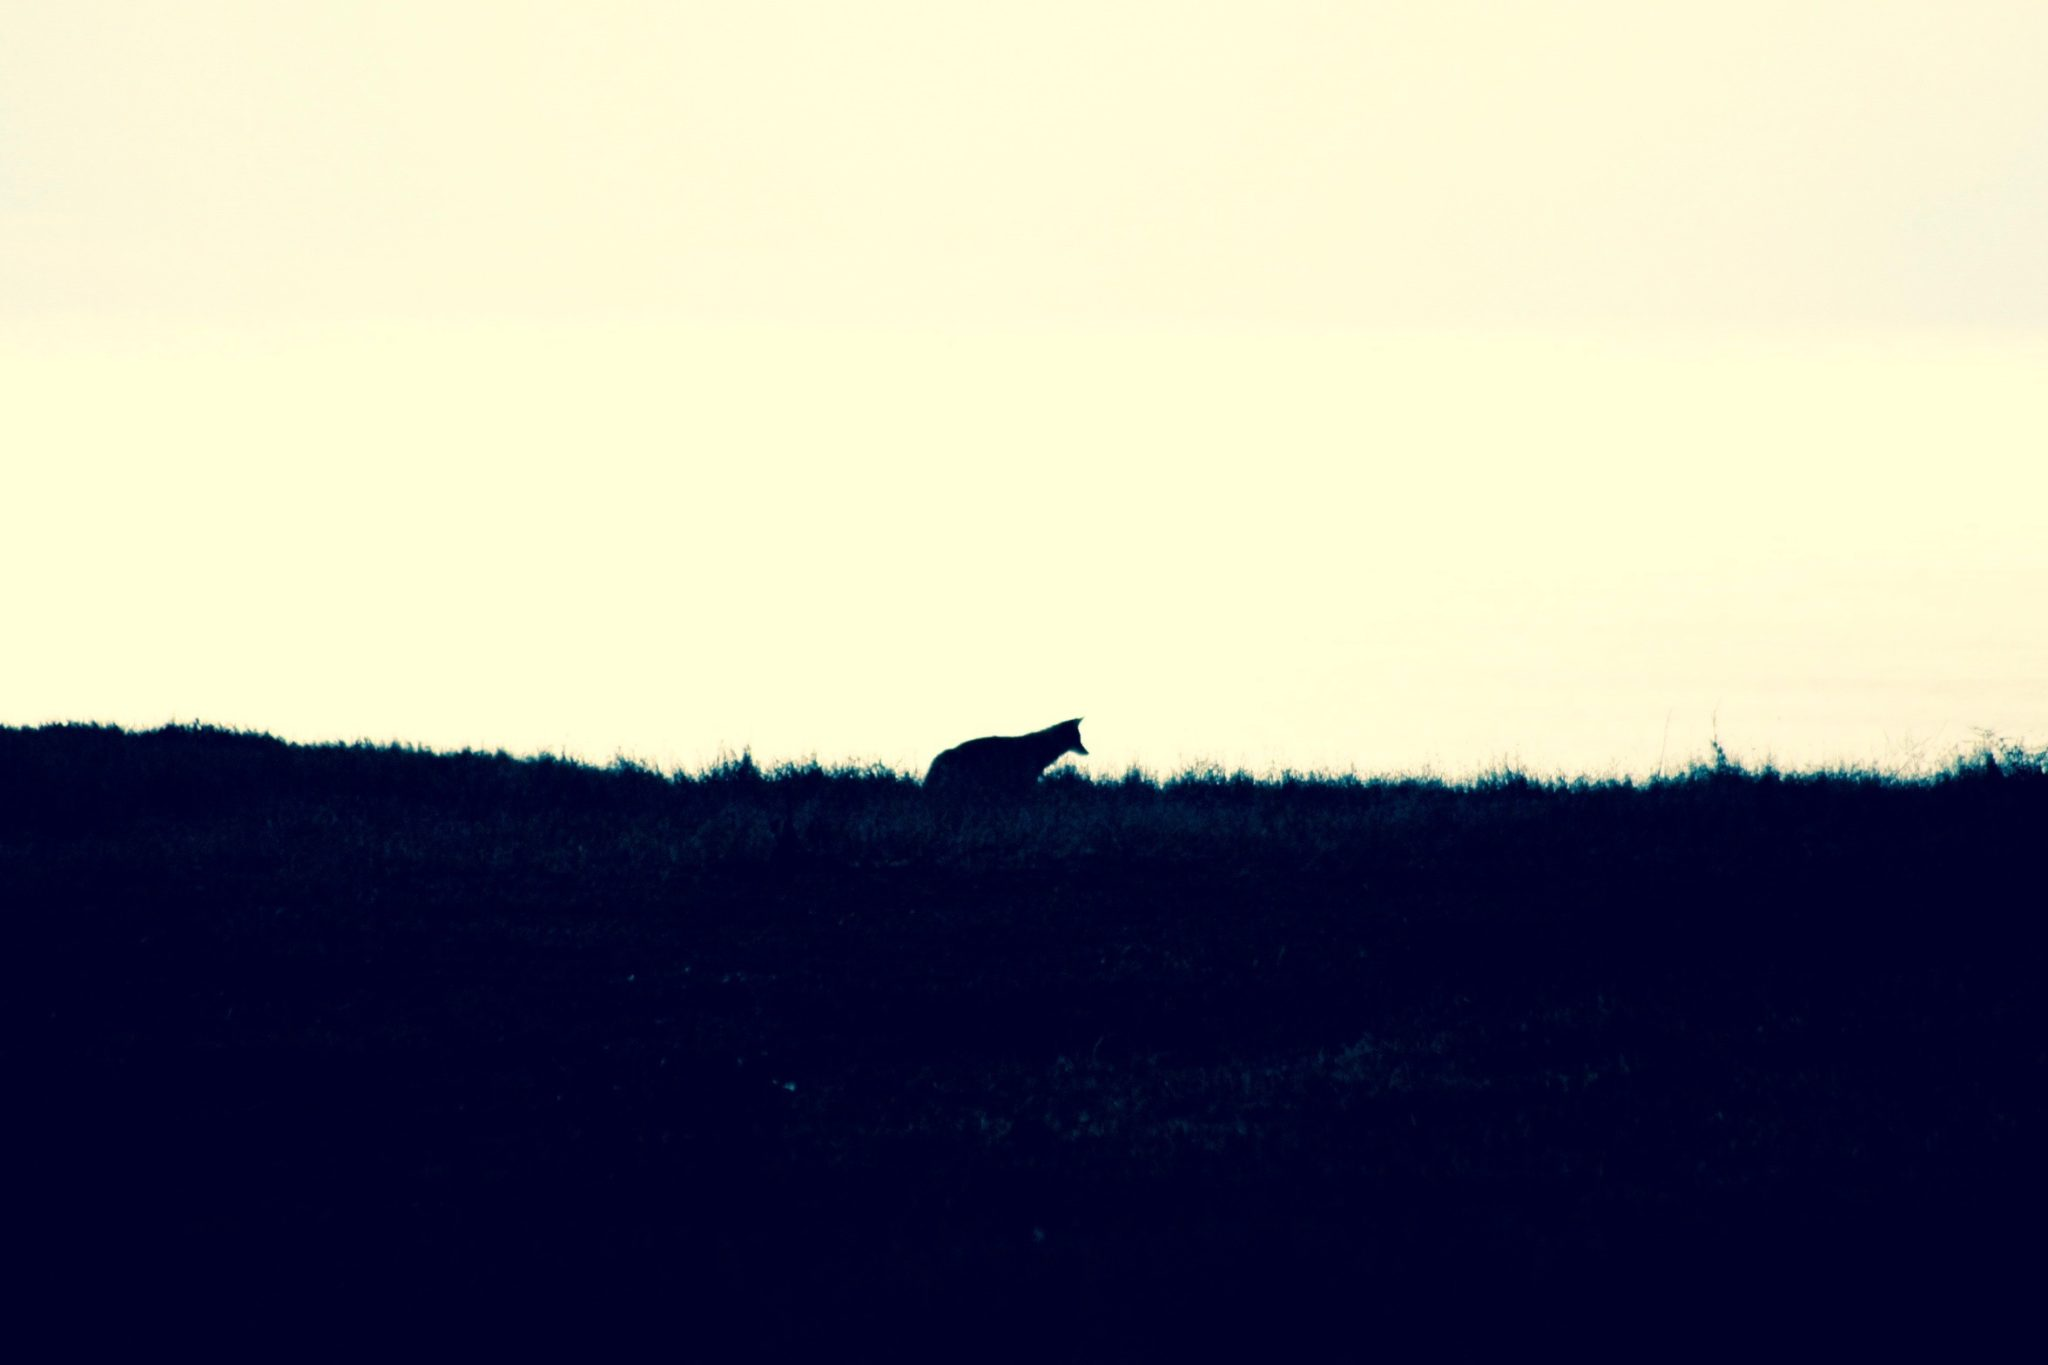 Coyote, Pt. Reyes, CA